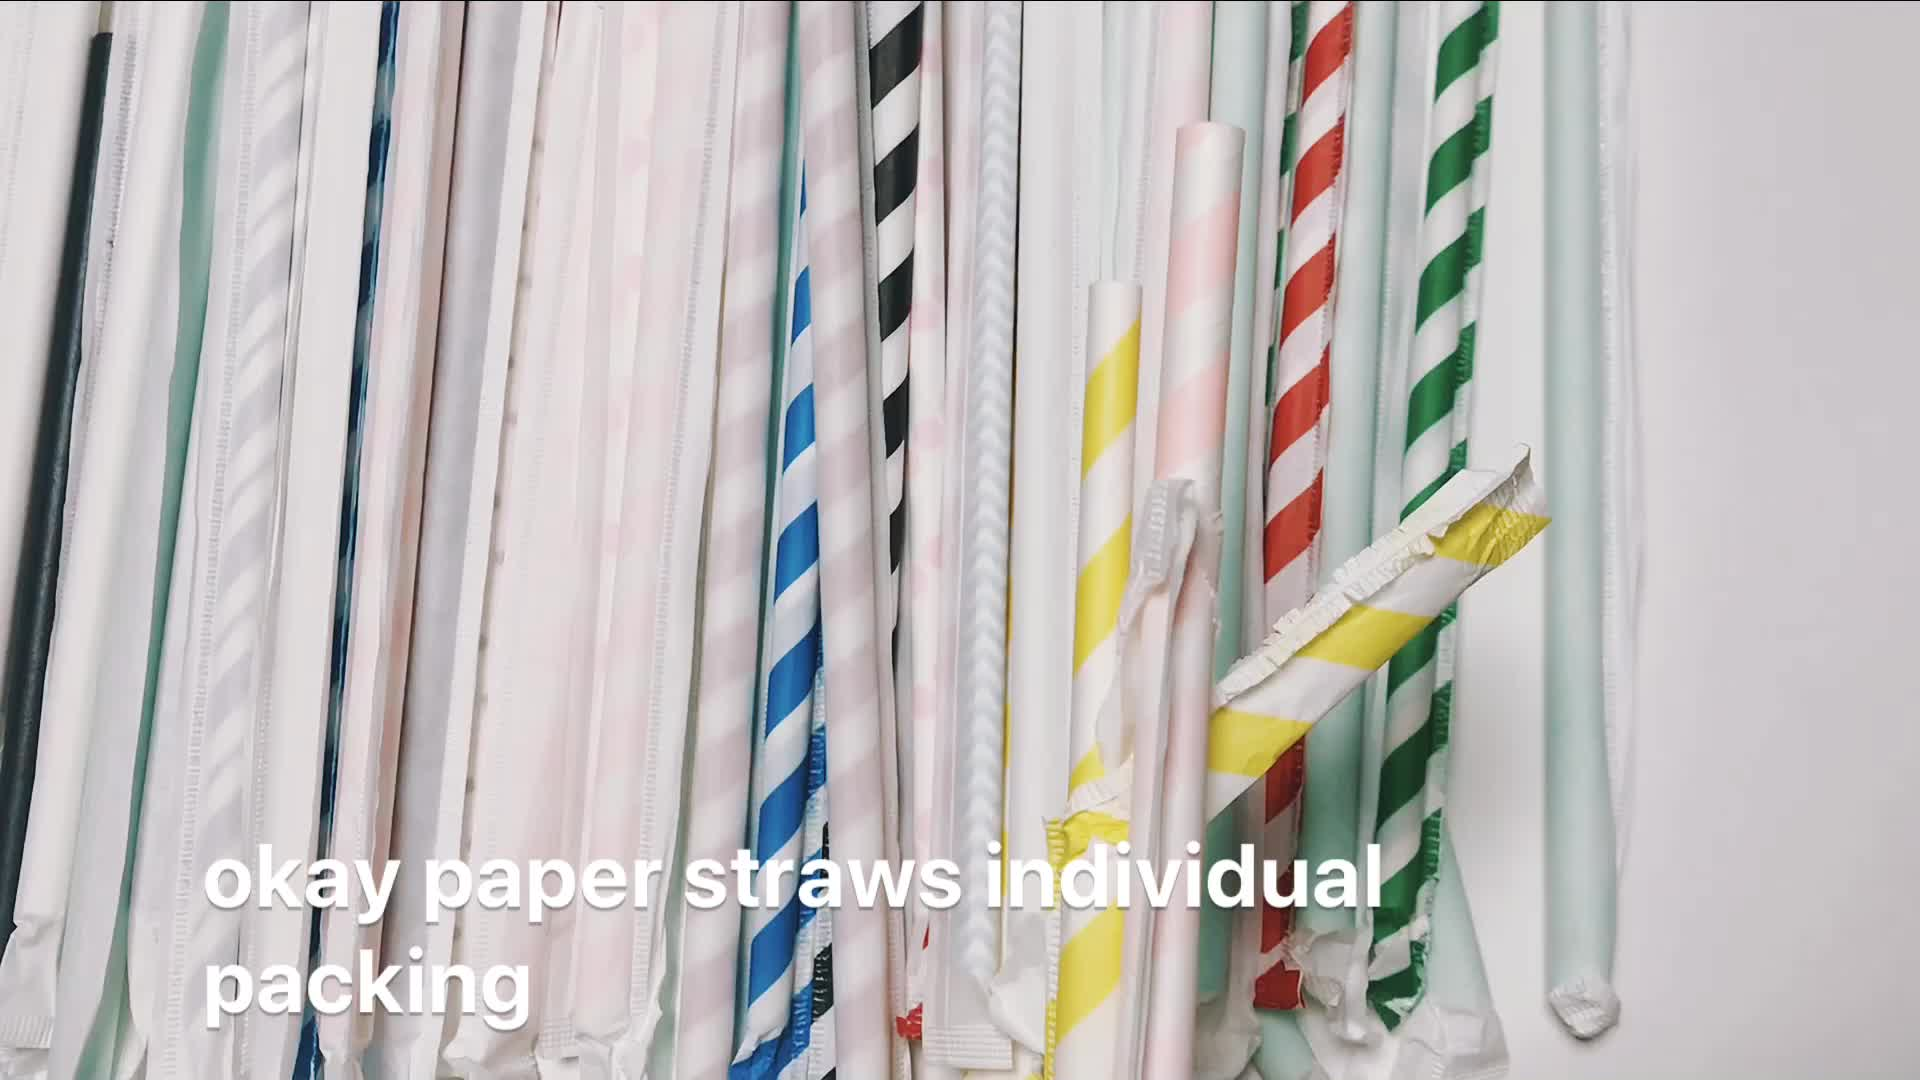 Бесплатные образцы 100 шт FSC FDA оптовая индивидуальная упакованная свадебная бумага соломы индивидуально завернутый смешанные цвета